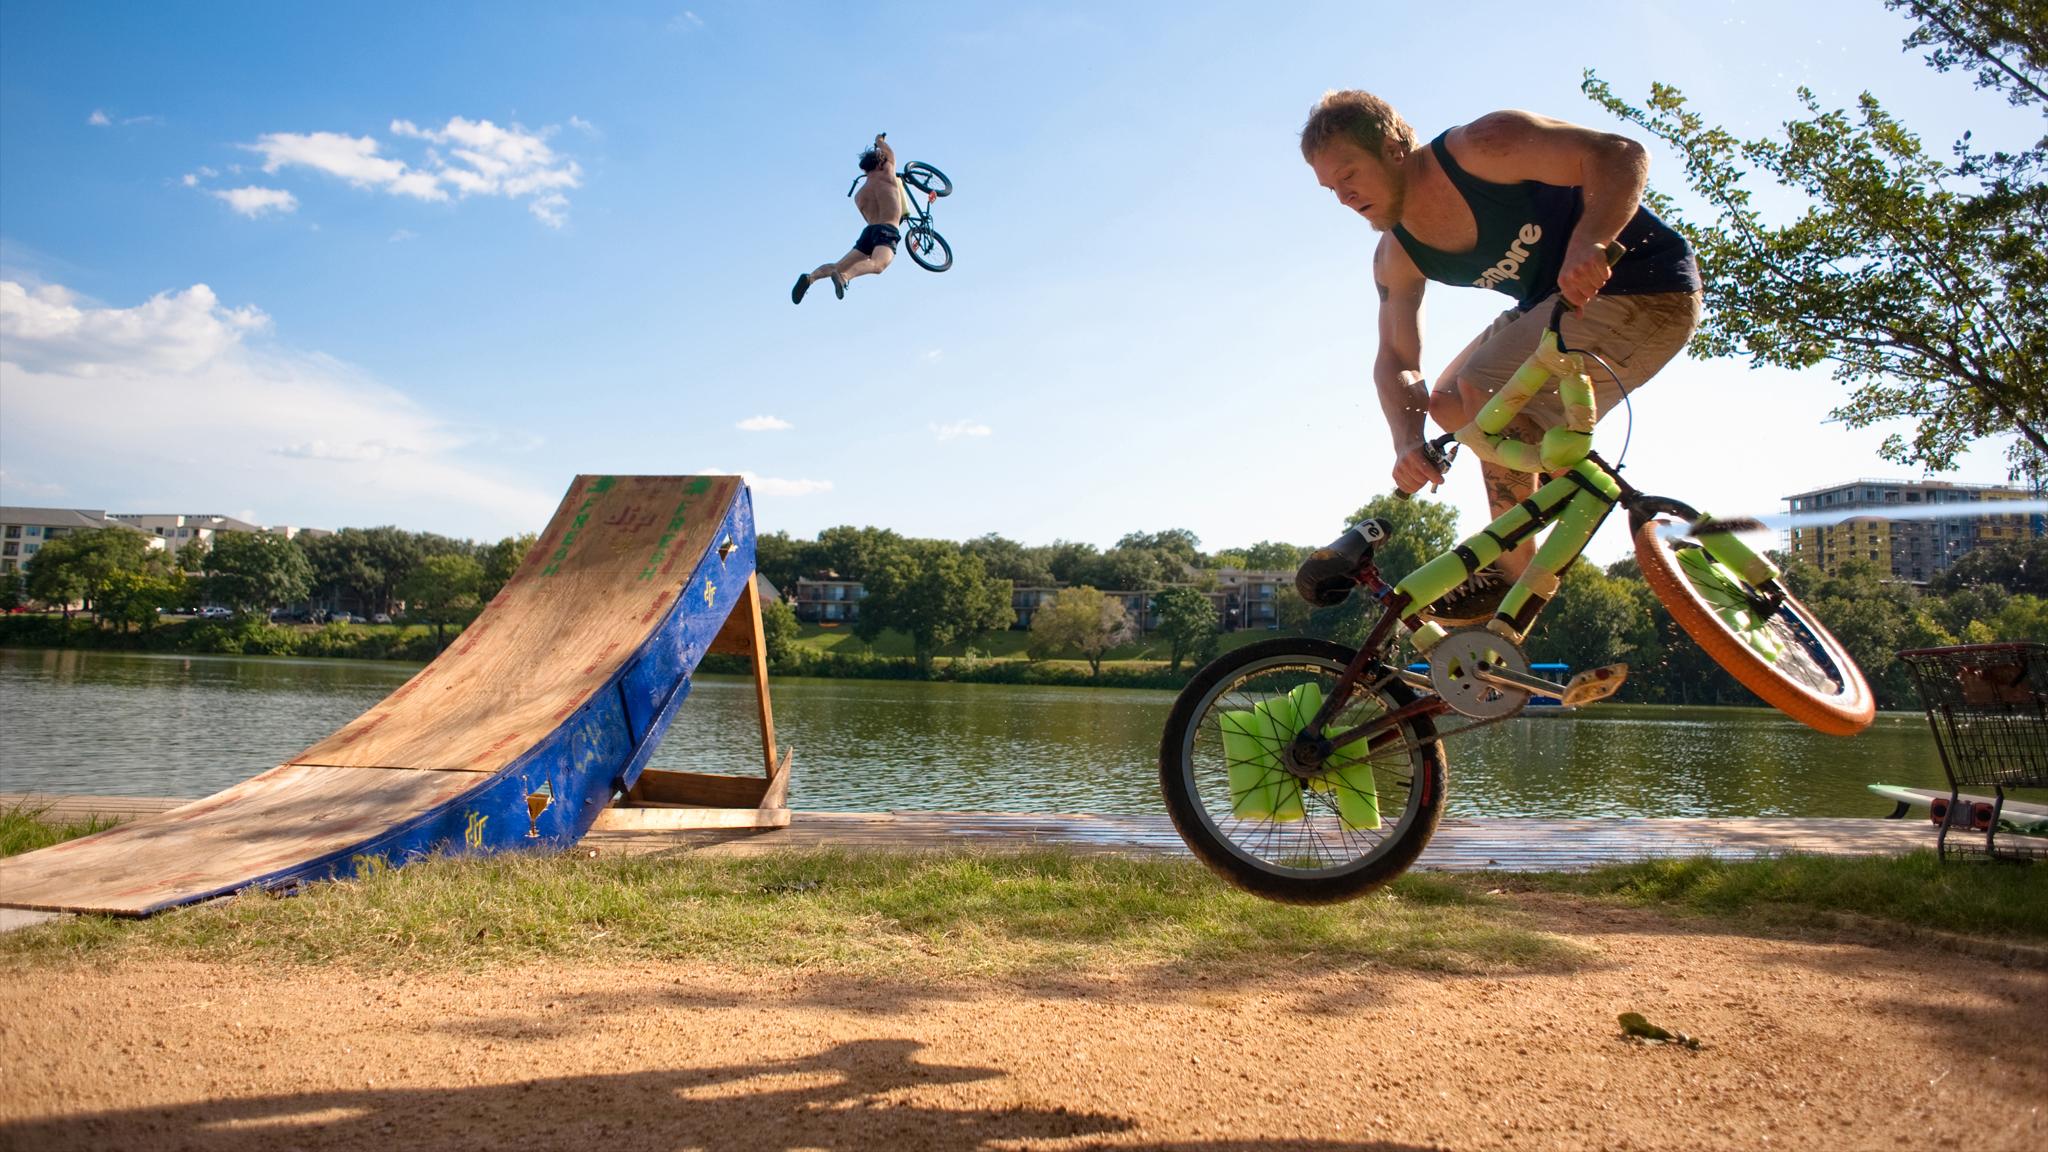 Lake jumping